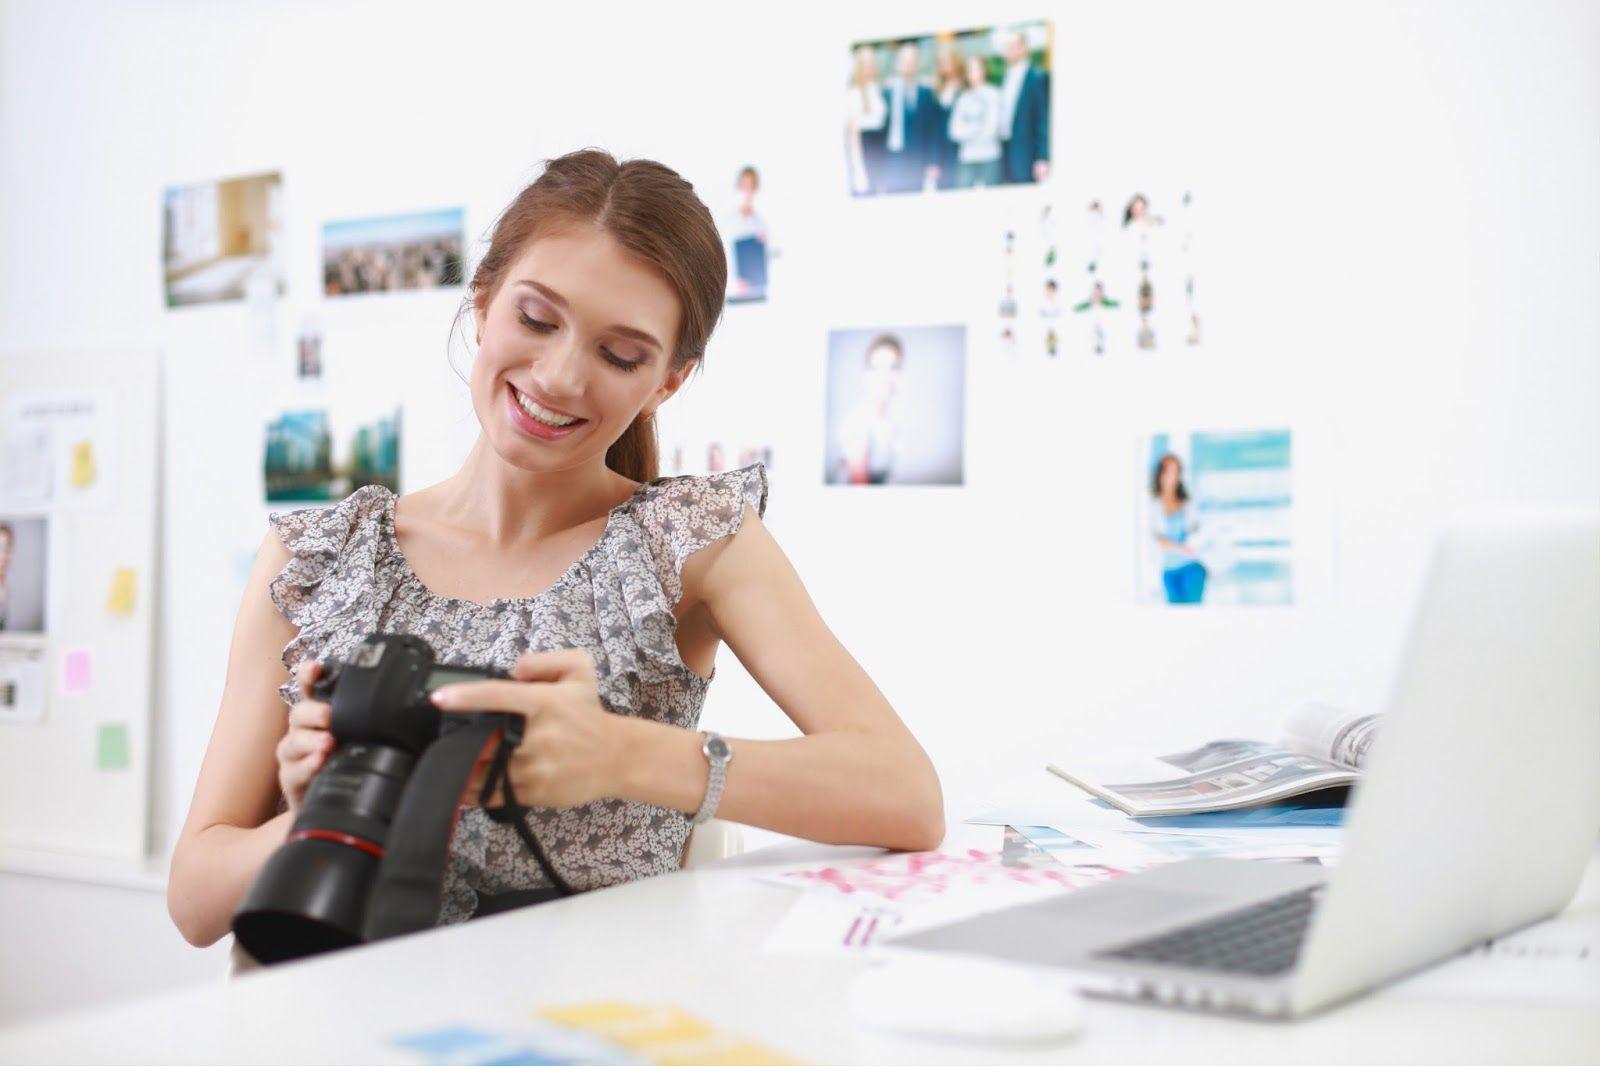 El Perro de Papel: 6 errores que debes evitar en las fotografías de tu blog, si quieres atraer a tu lector